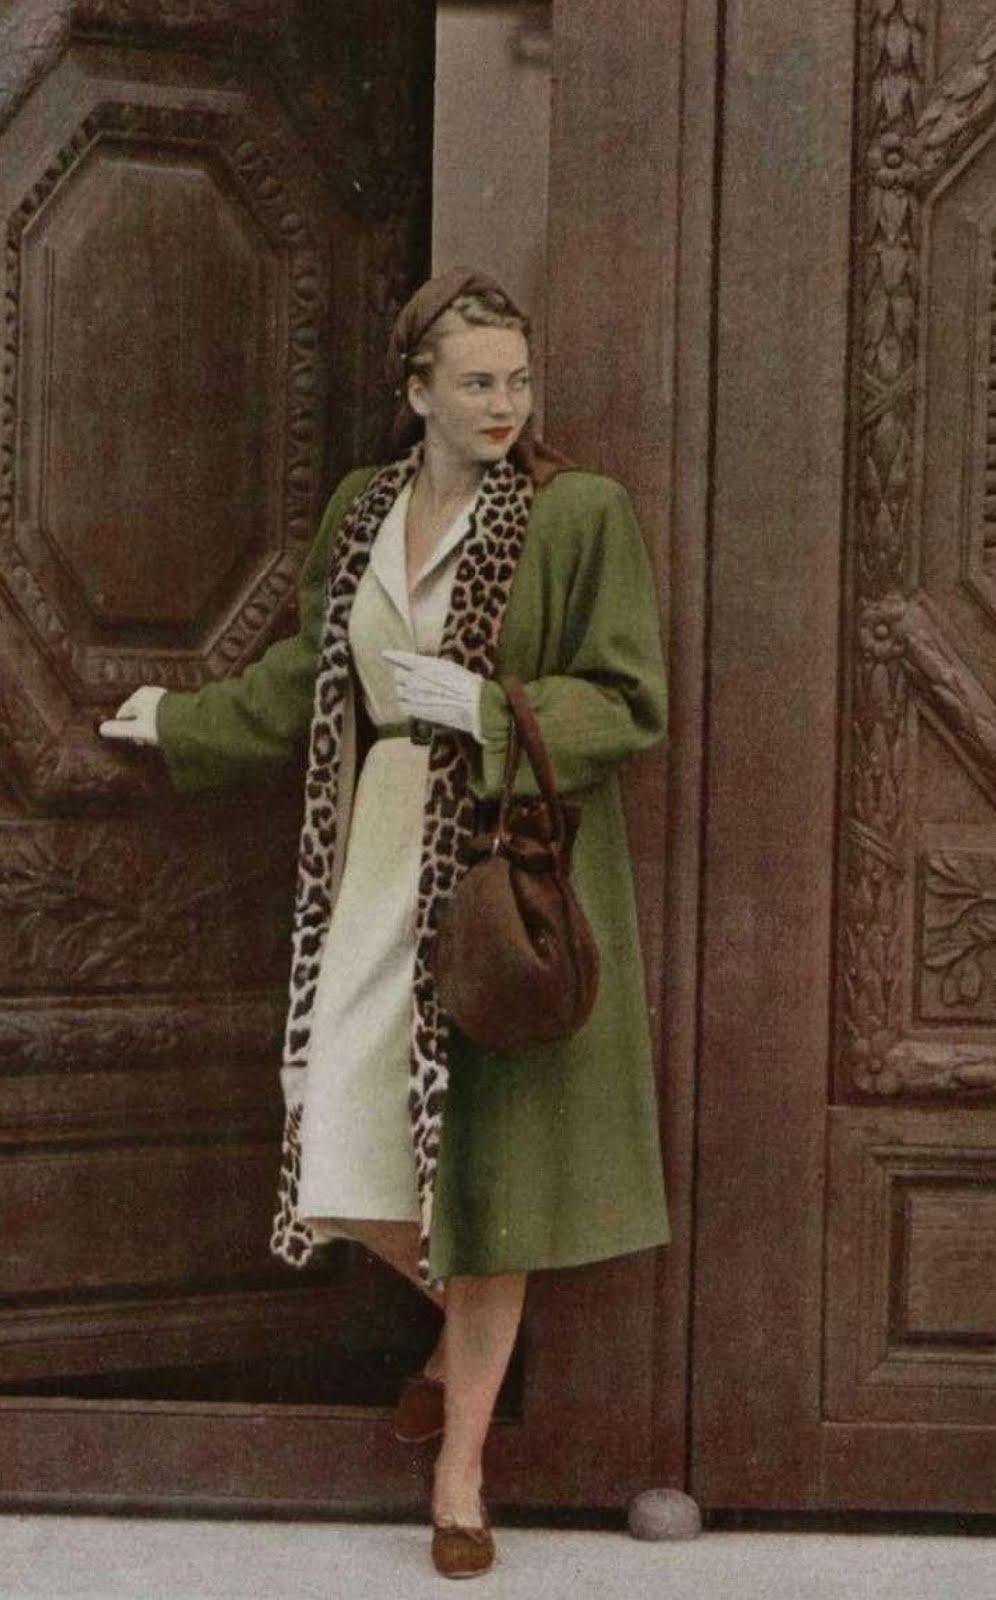 1940's Fashion - Young Woman's Wardrobe Plan